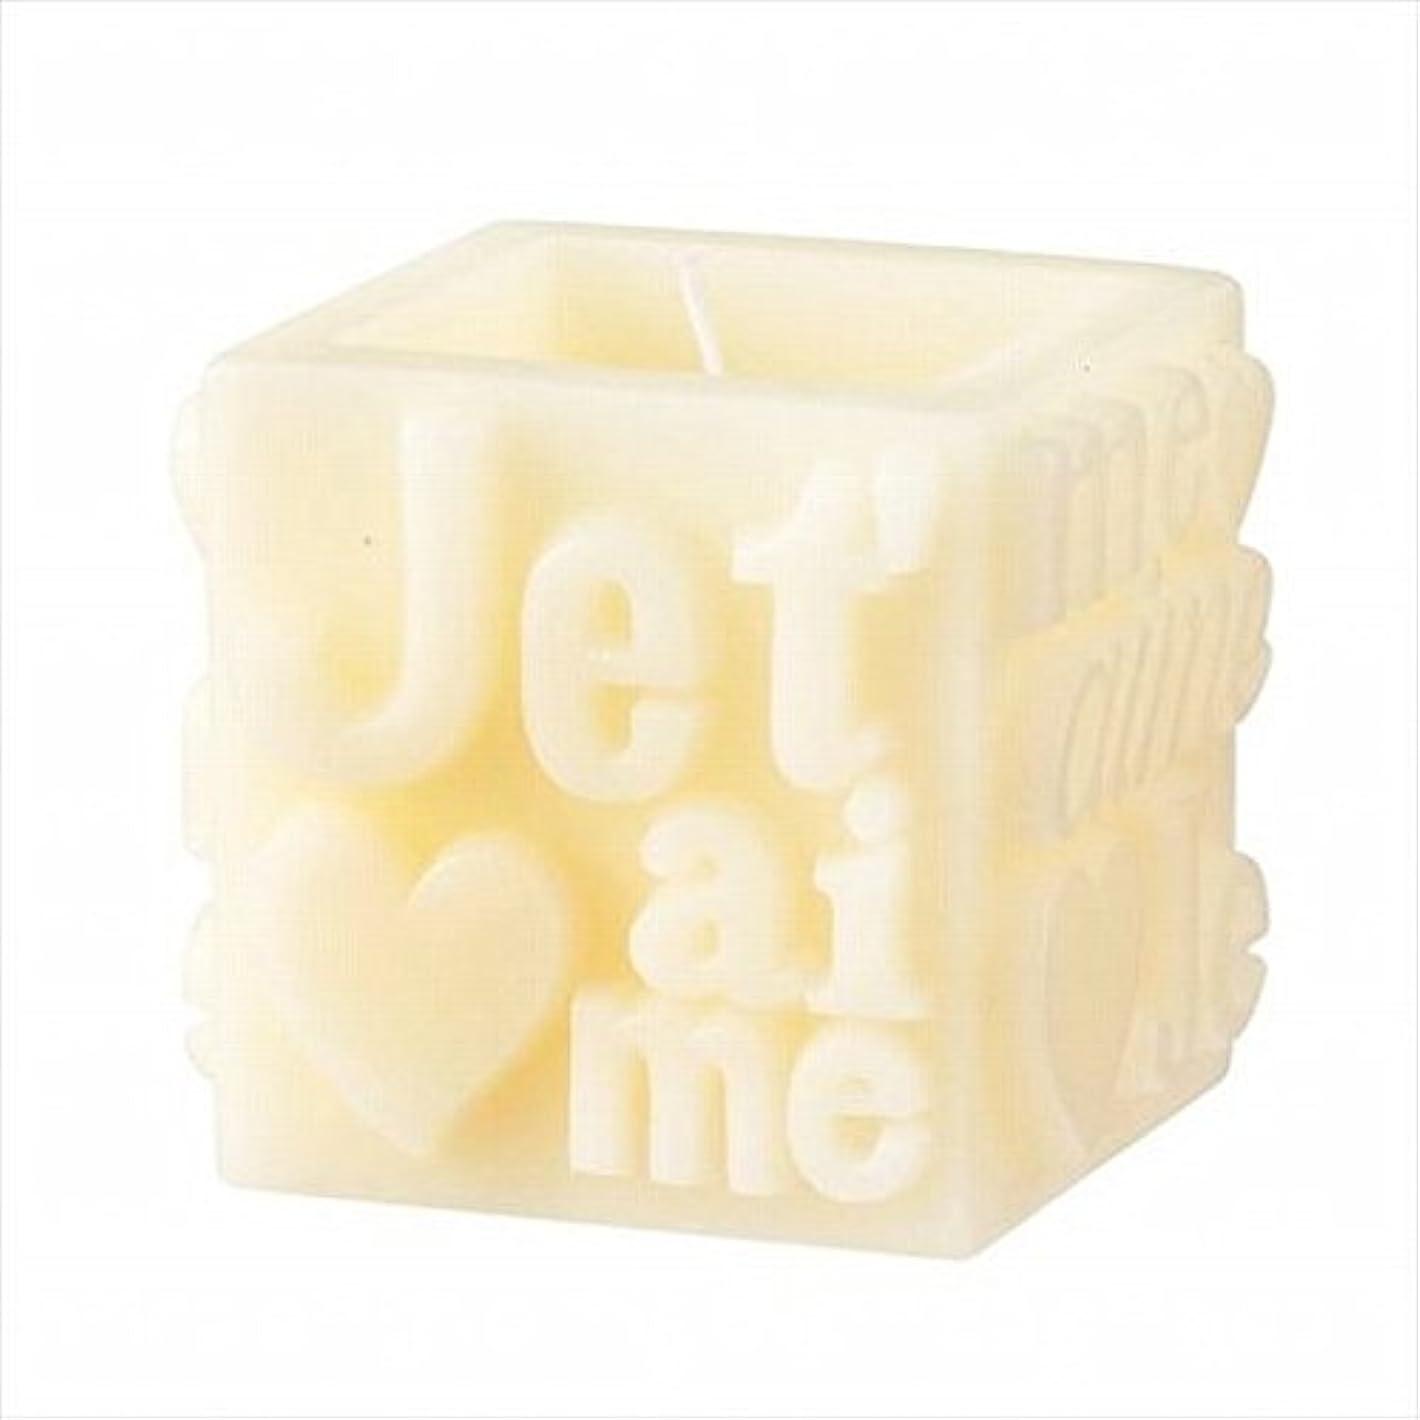 入手しますアレイ大理石kameyama candle(カメヤマキャンドル) ジュテーム 「 アイボリー 」(A6720500IV)